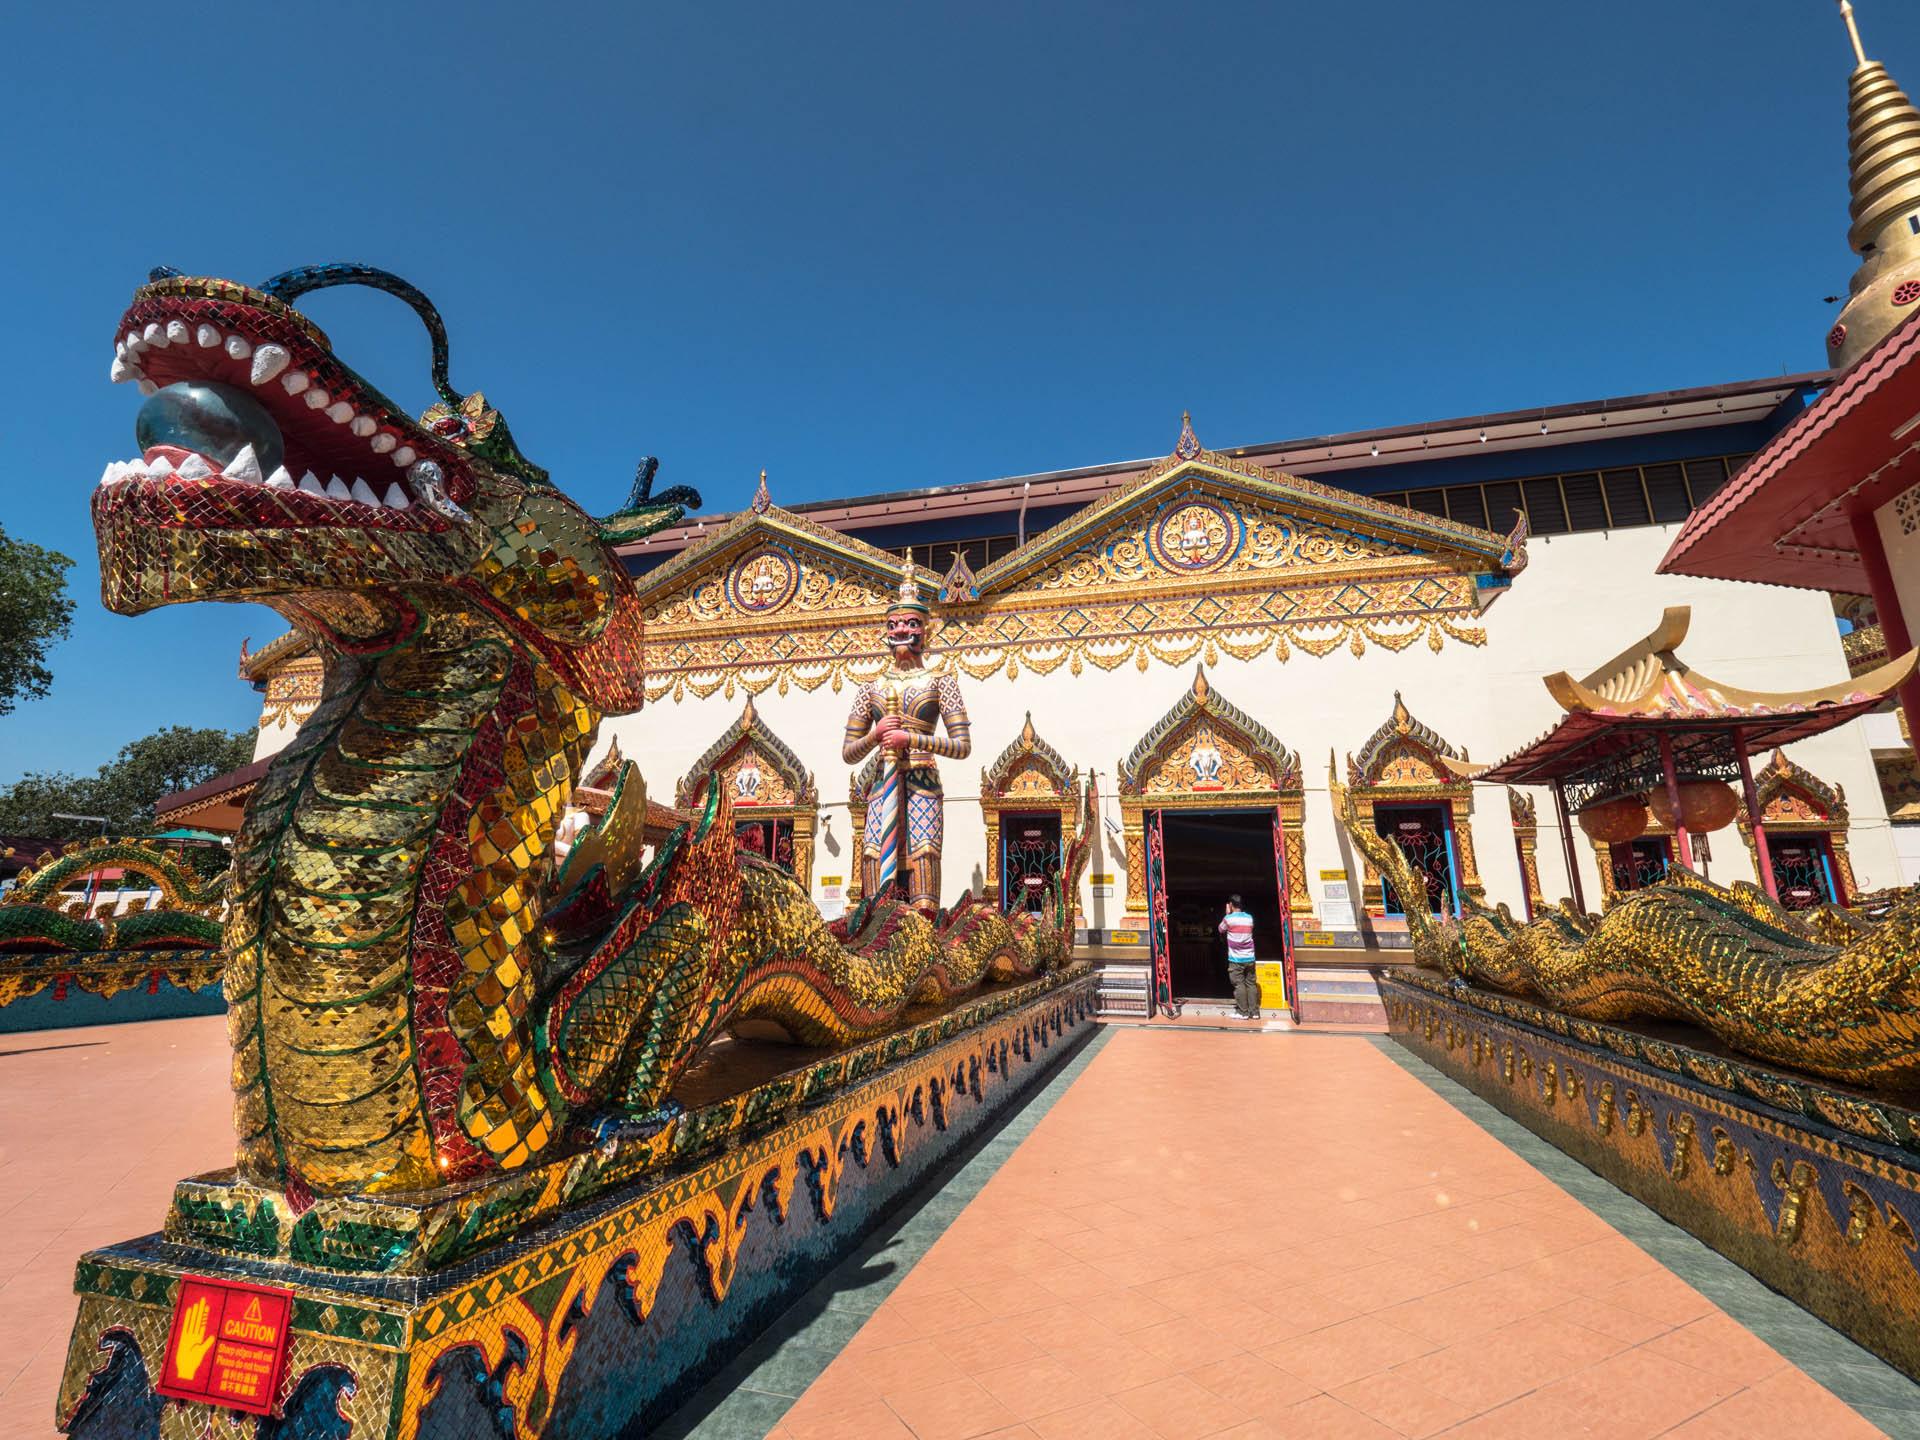 georgetown temple bouddhiste 8 - Les globe blogueurs - blog voyage nature